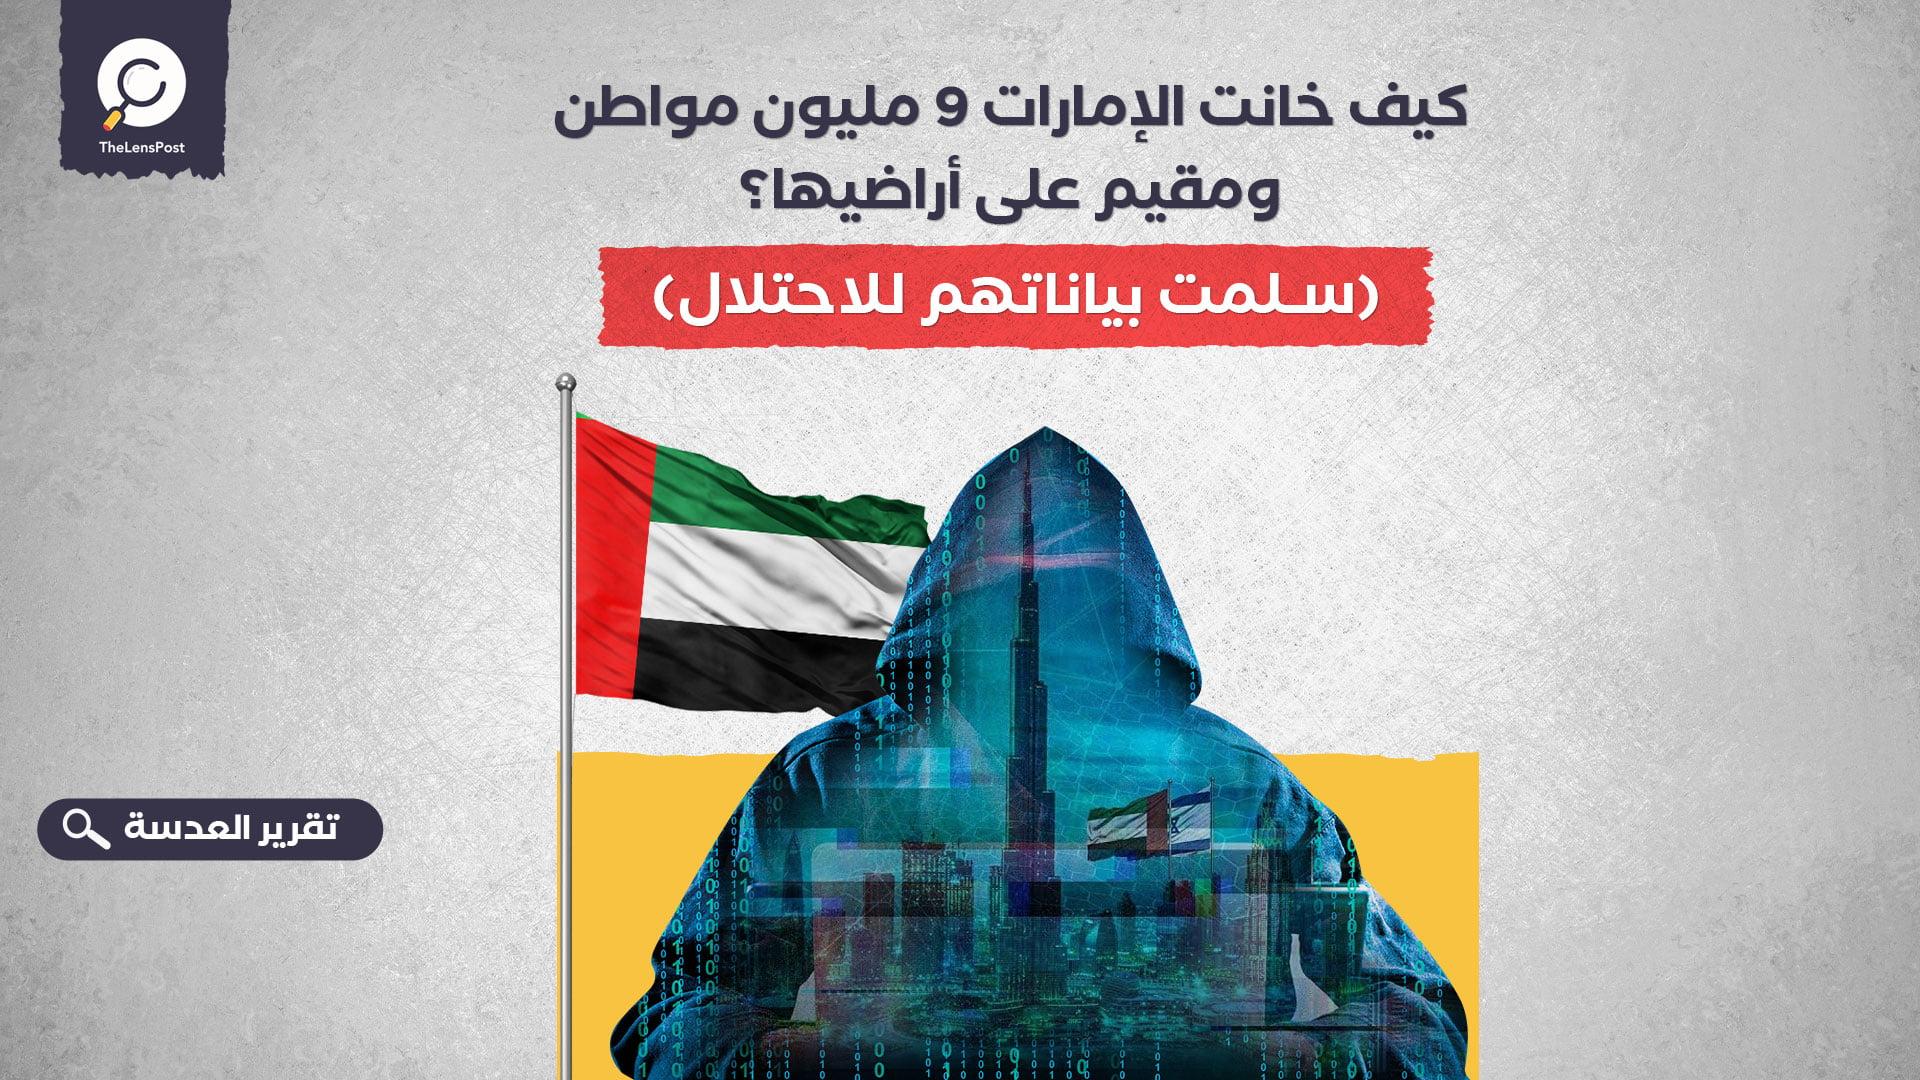 كيف خانت الإمارات 9 مليون مواطن ومقيم على أراضيها؟